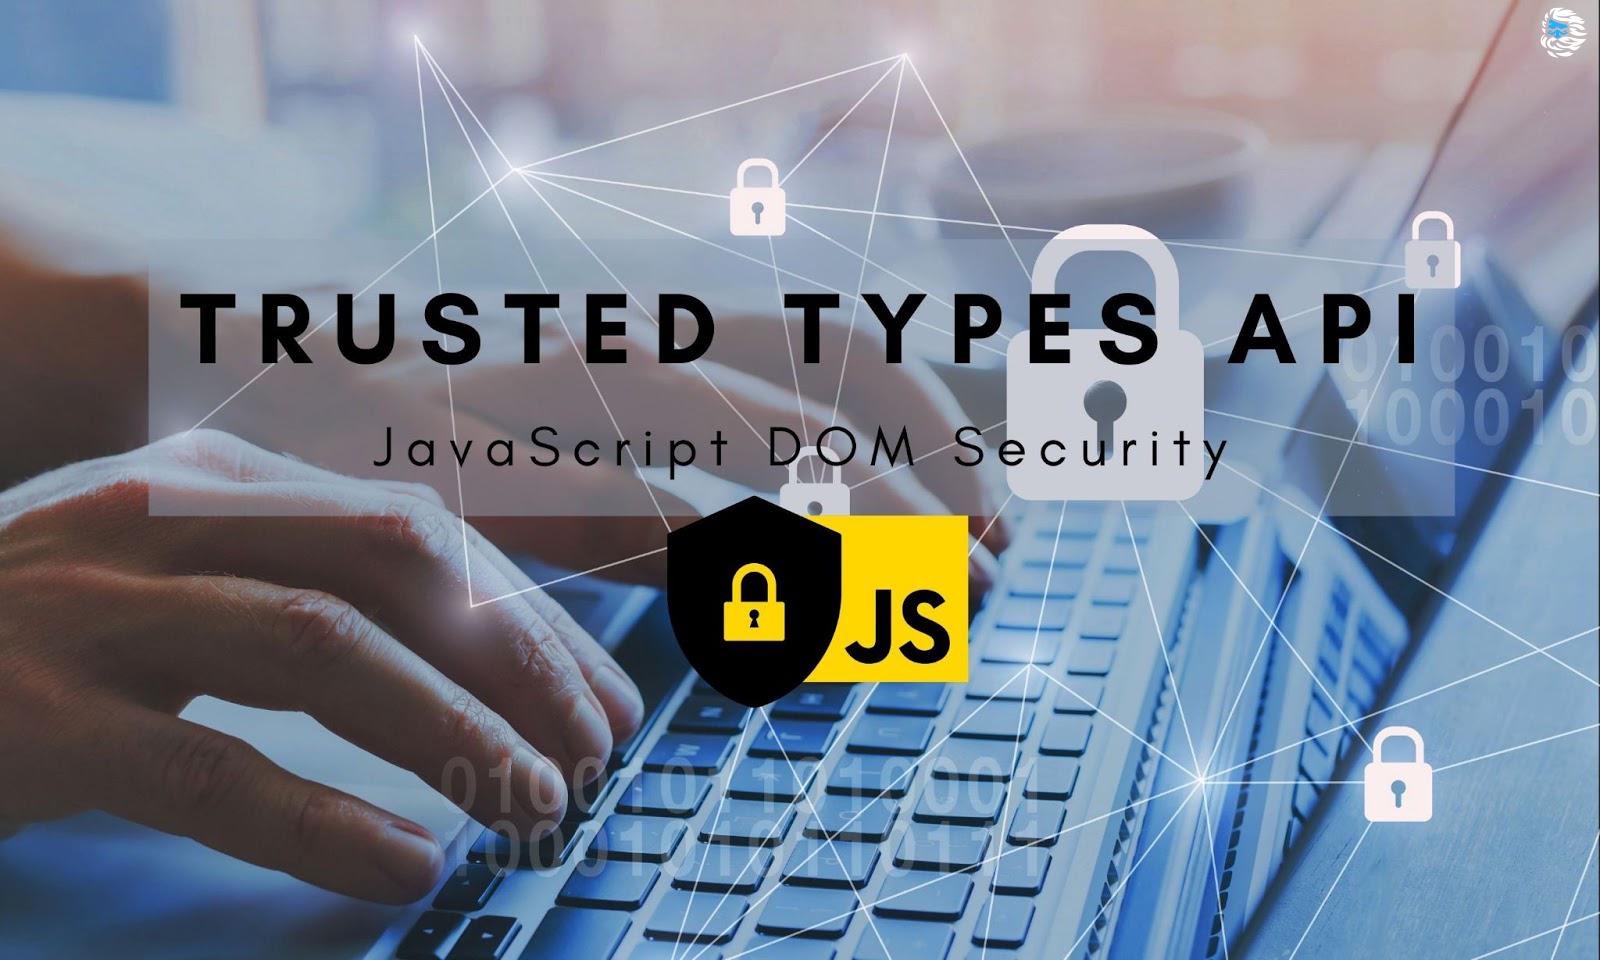 [Перевод] Trusted Types API для защиты DOM от XSS-атак